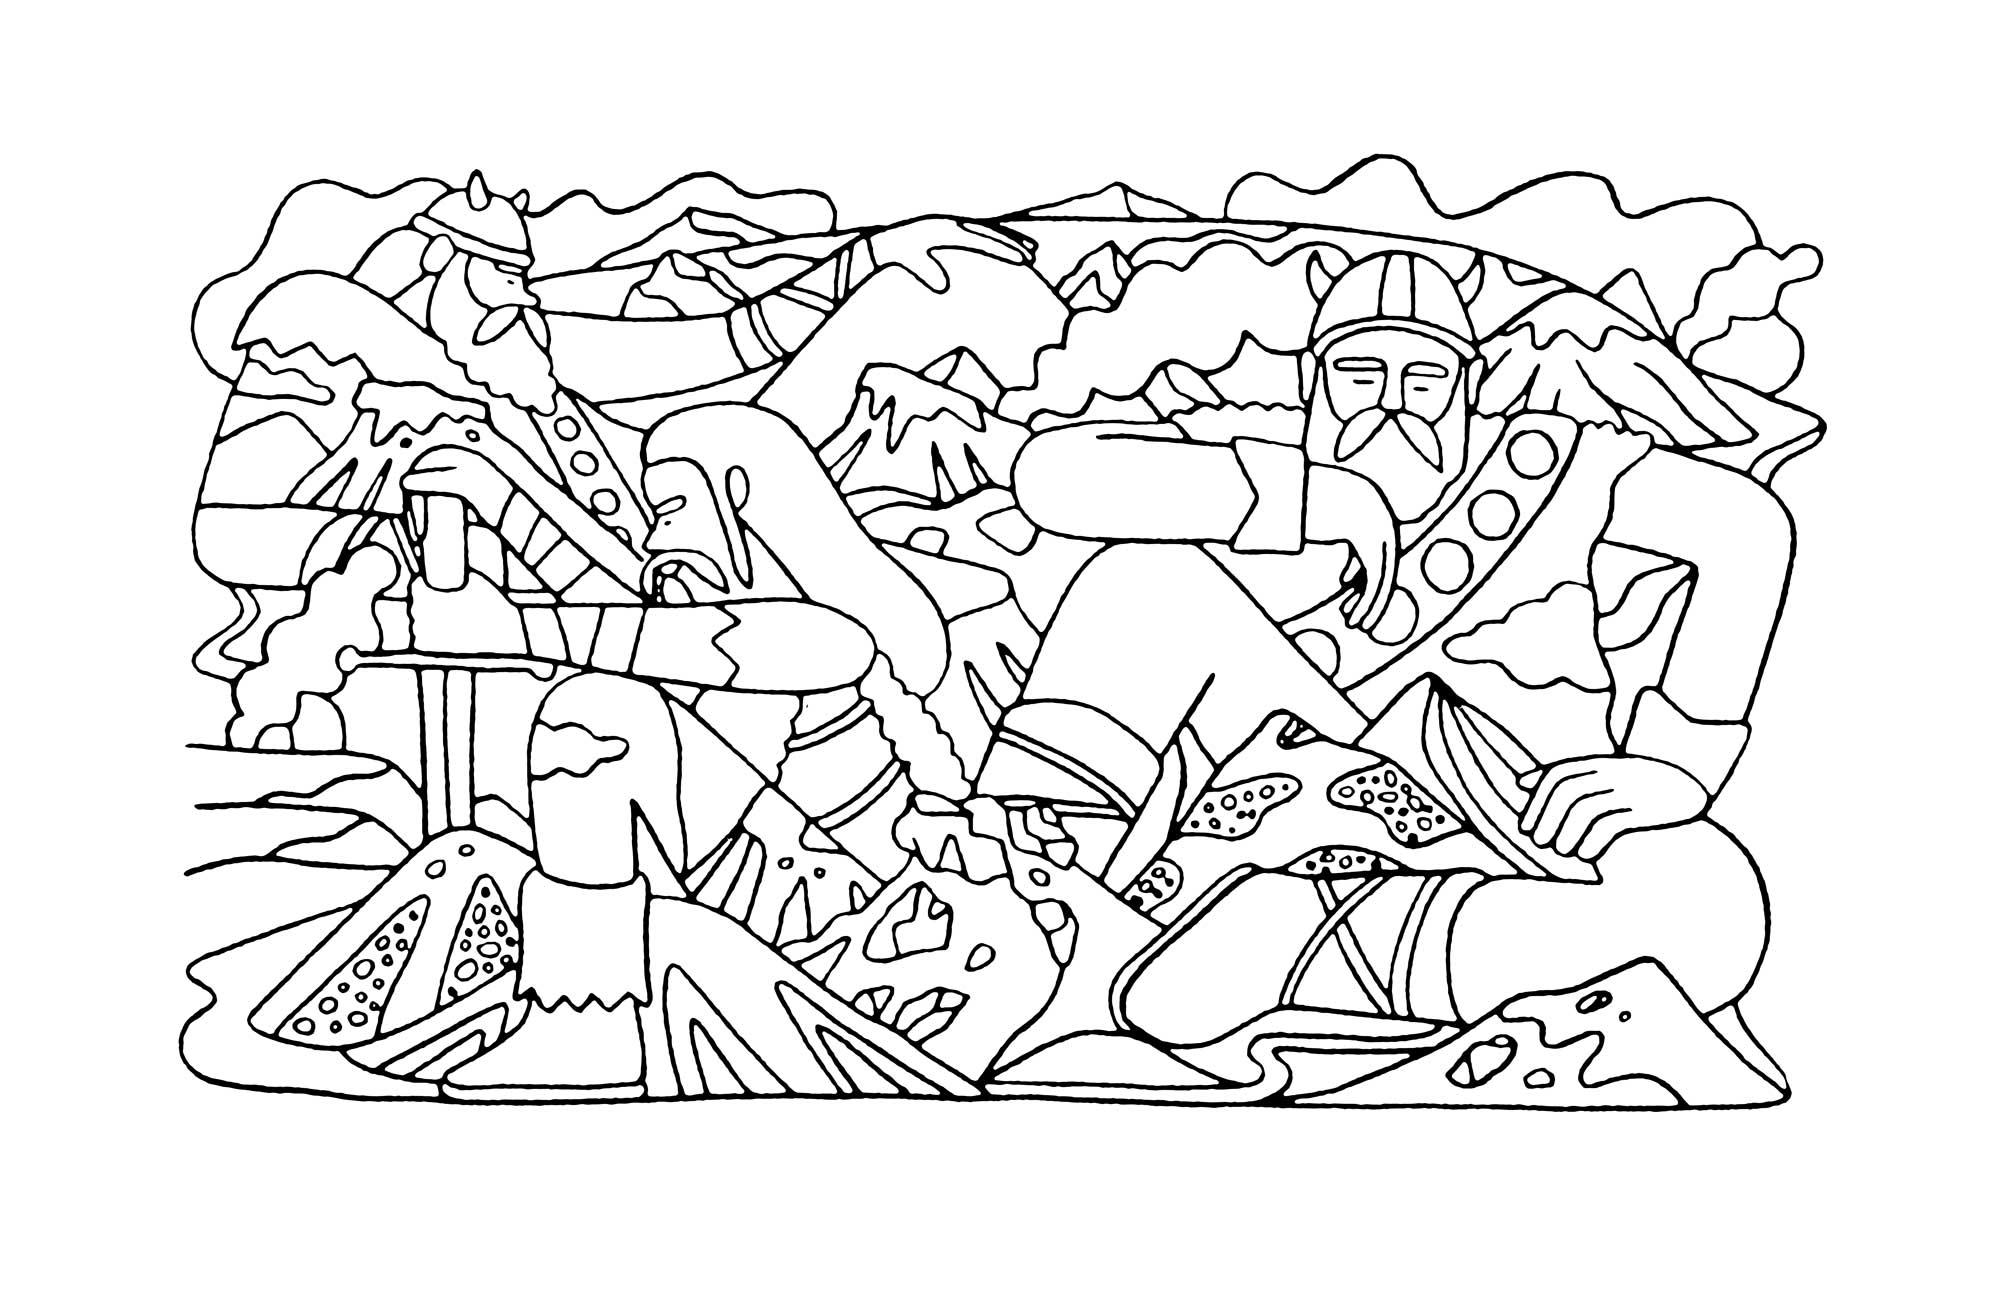 Vikings-01.jpg